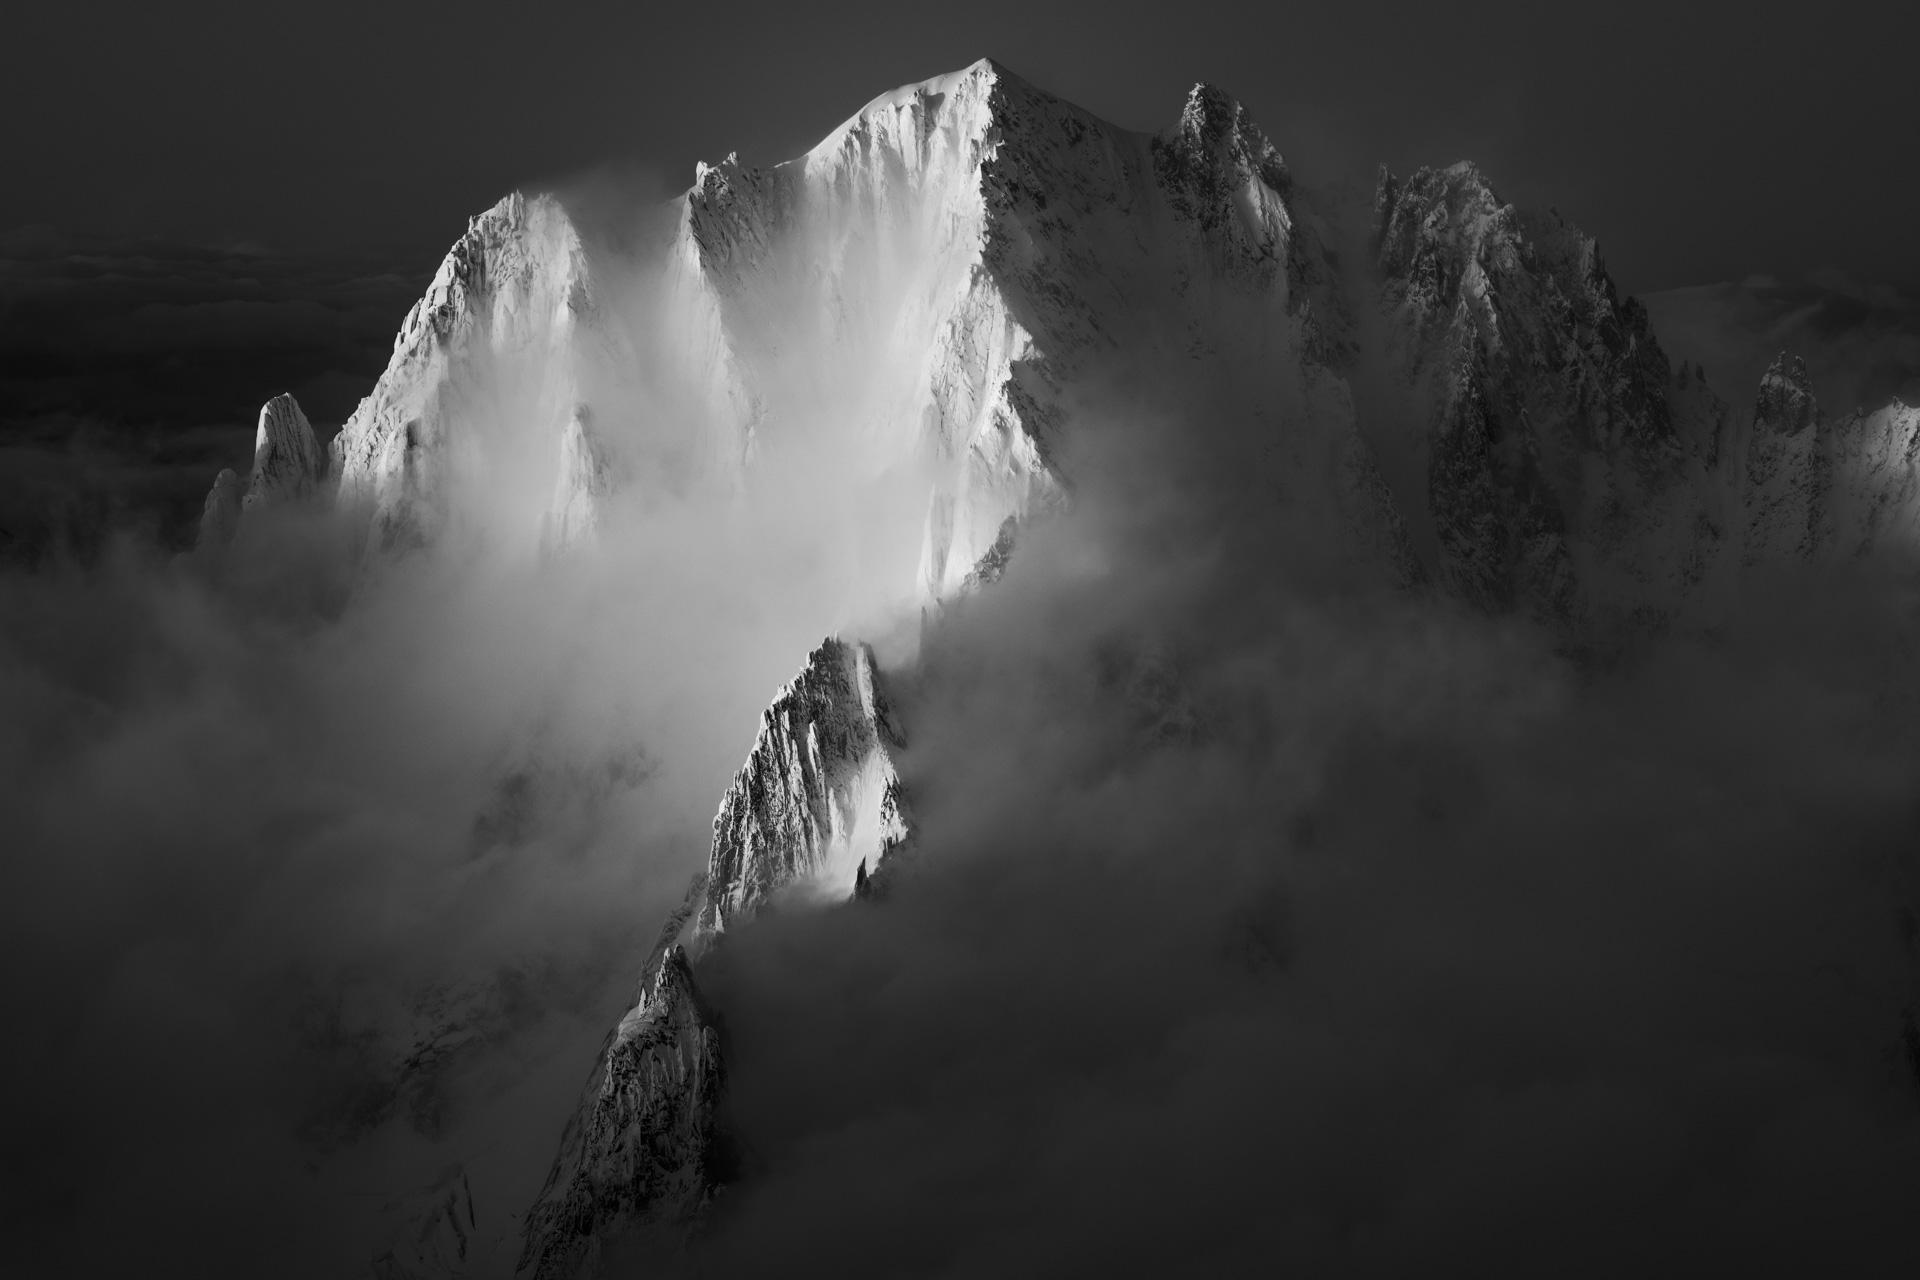 Aiguille verte - encadrement photo bois des montagnes de l'aiguille verte chamonix dans le brouillard et les nuages